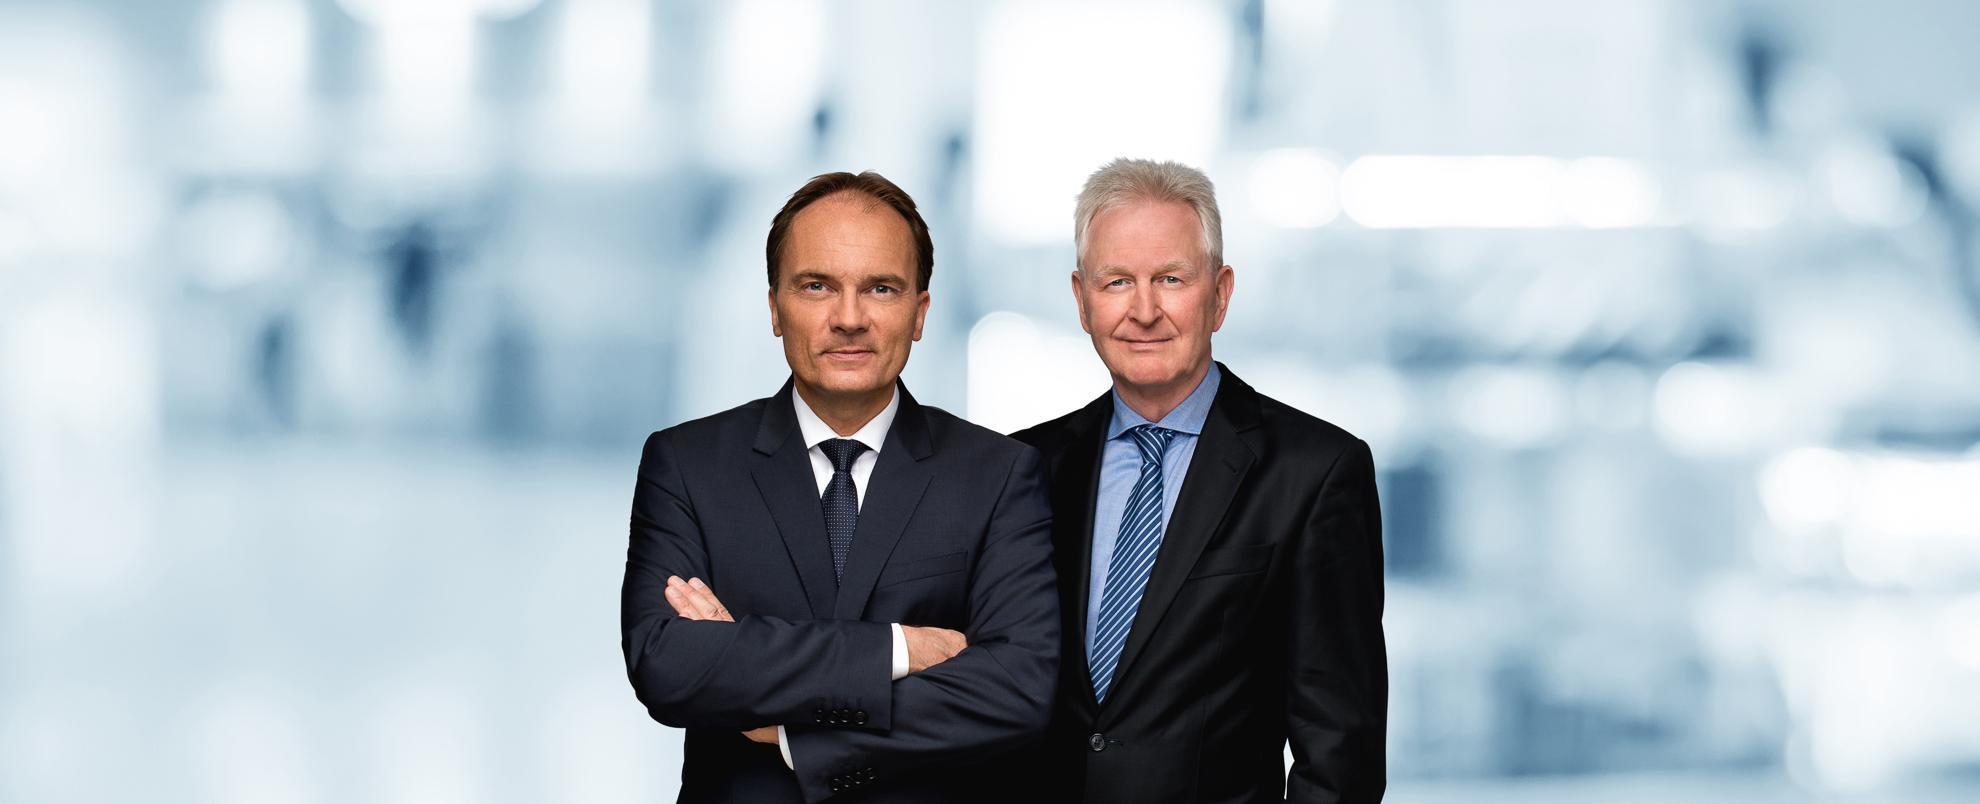 Tadewald Personalberatung GmbH im Gesundheitswesen und Sozialwesen